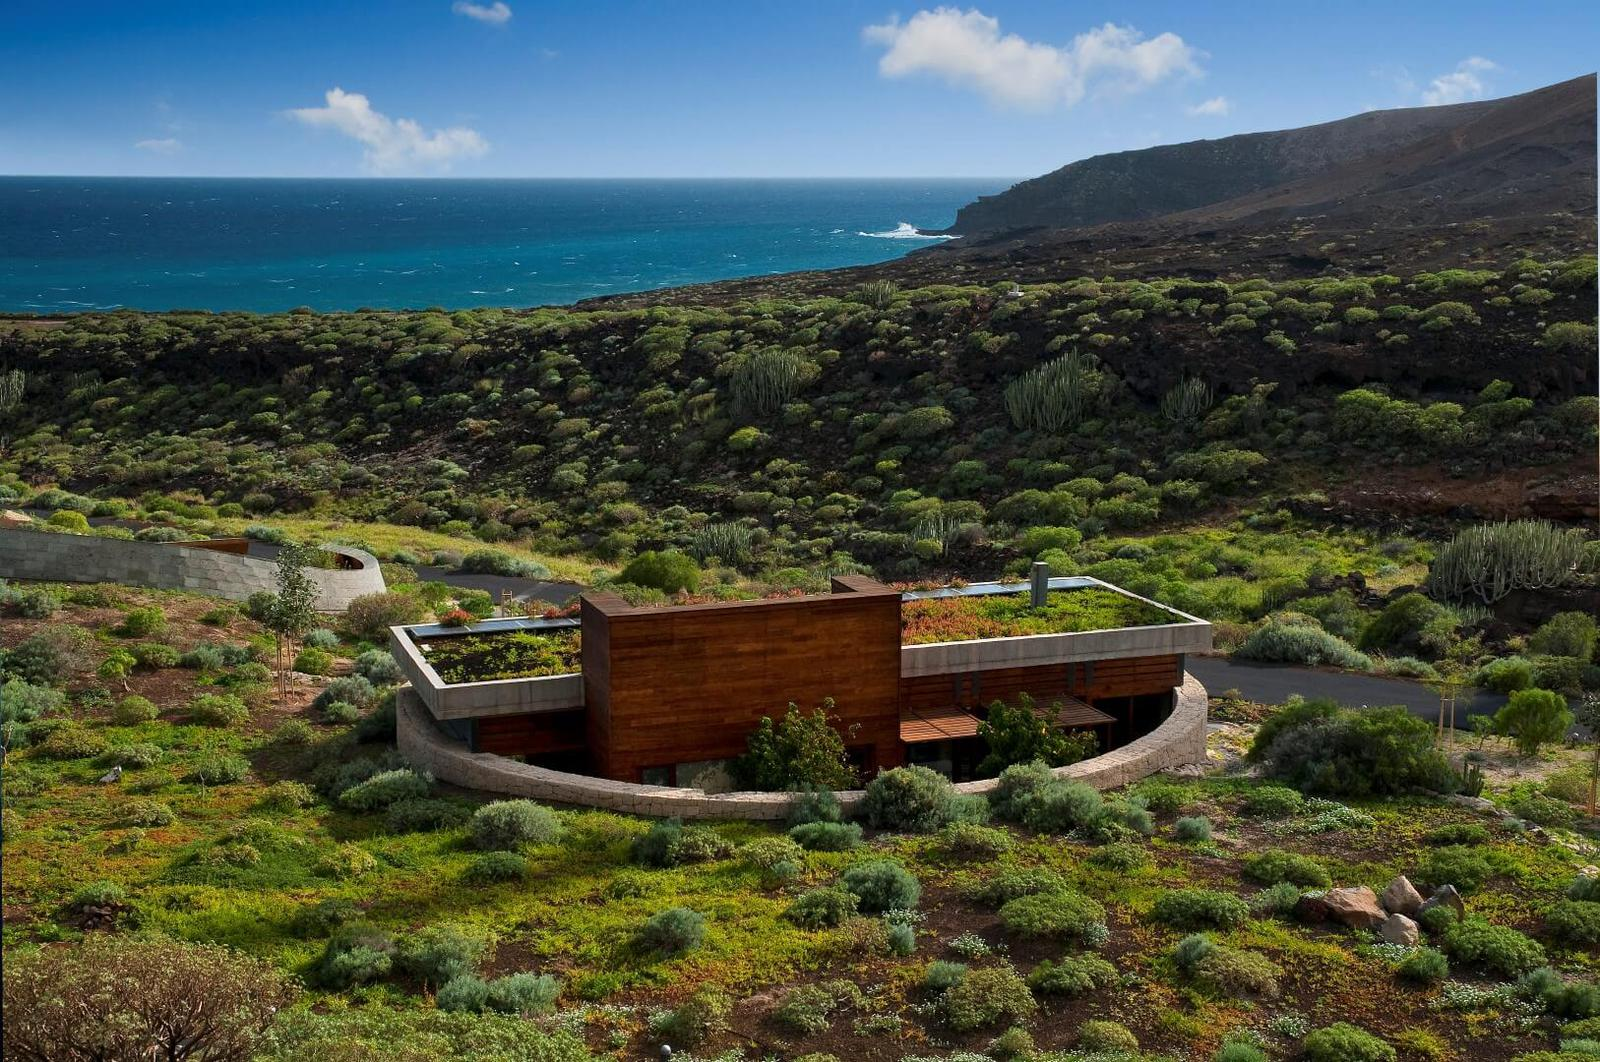 Casas bioclimáticas ITER en Tenerife: una solución para quienes se preocupan por la sostenibilidad medioambiental de sus vacaciones